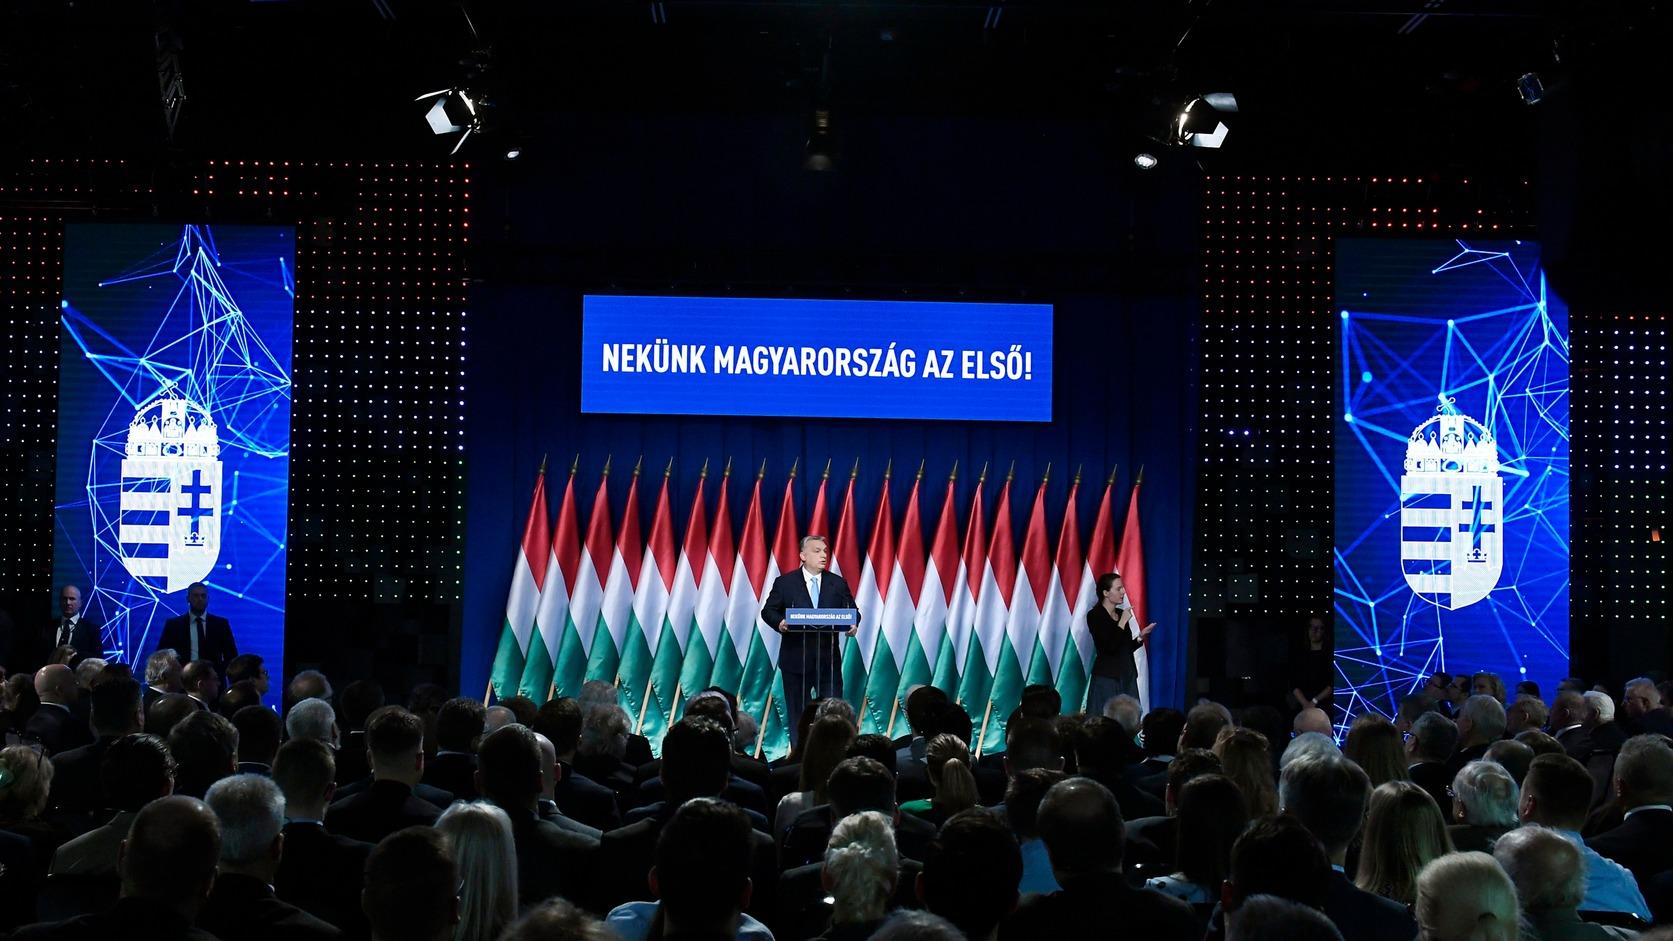 Családvédelmi Akcióterv: Konkrétumok Is Elhangzottak Orbán Viktor évértékelőjén